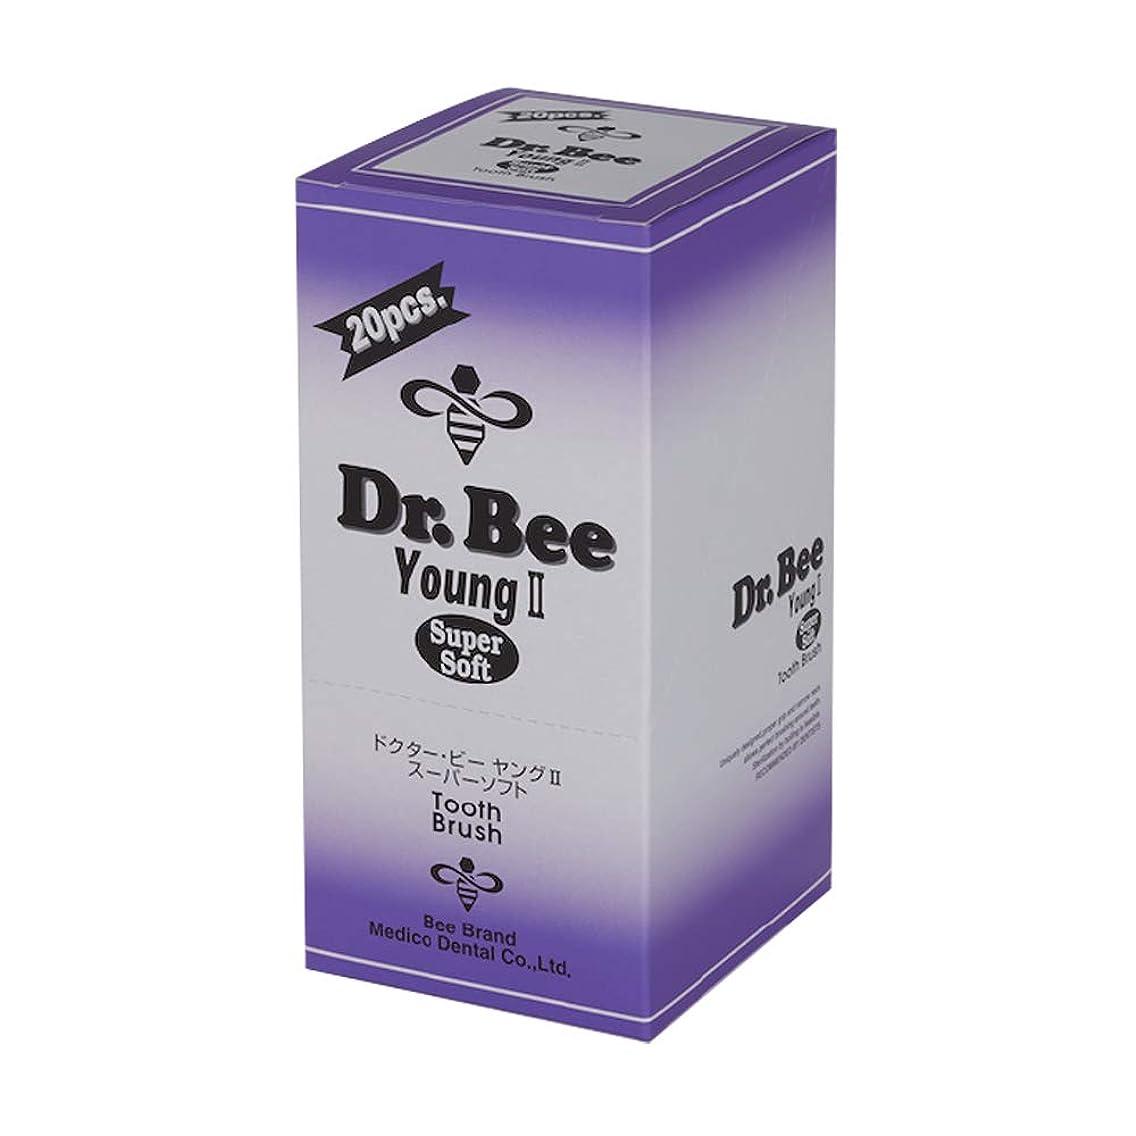 突進投獄タイマーDr.Bee ヤングⅡ スーパーソフト 20本入り